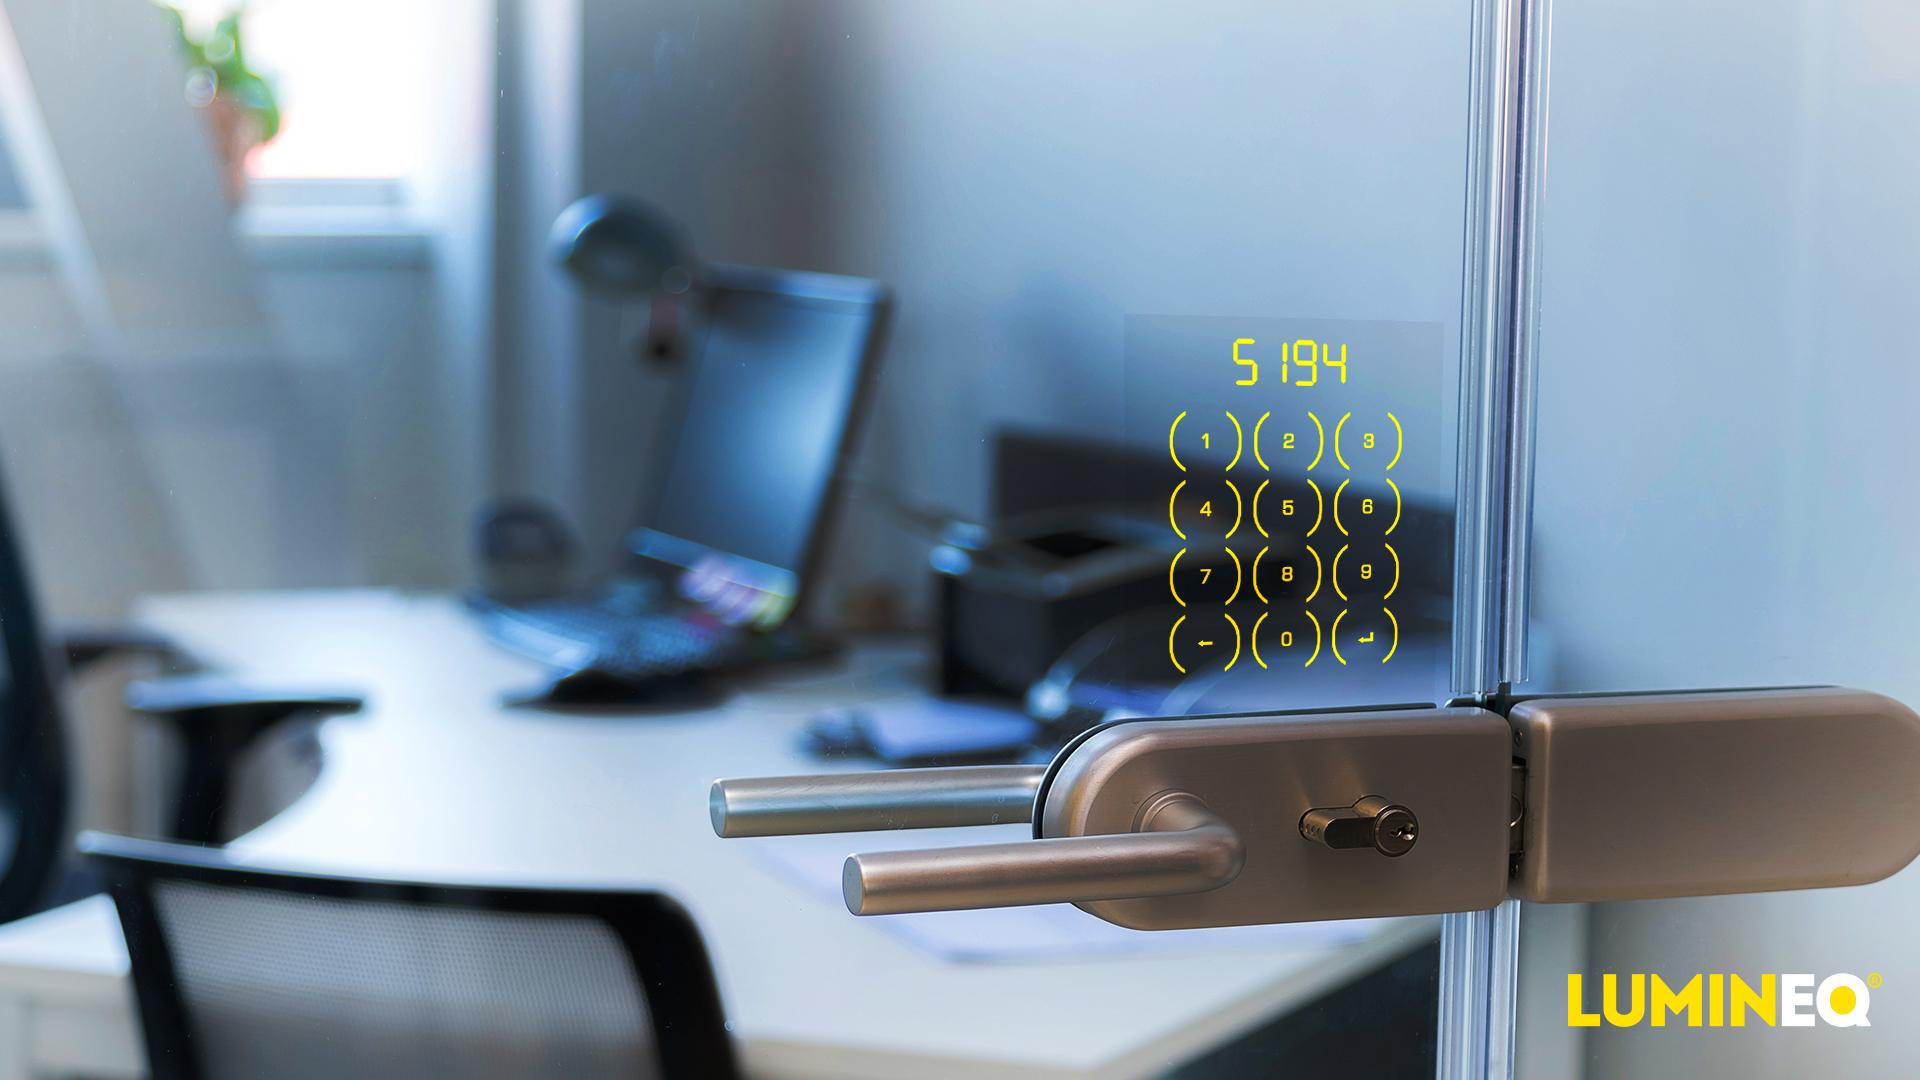 使用透明玻璃内置键盘锁,无需钥匙即可进入车辆和建筑物